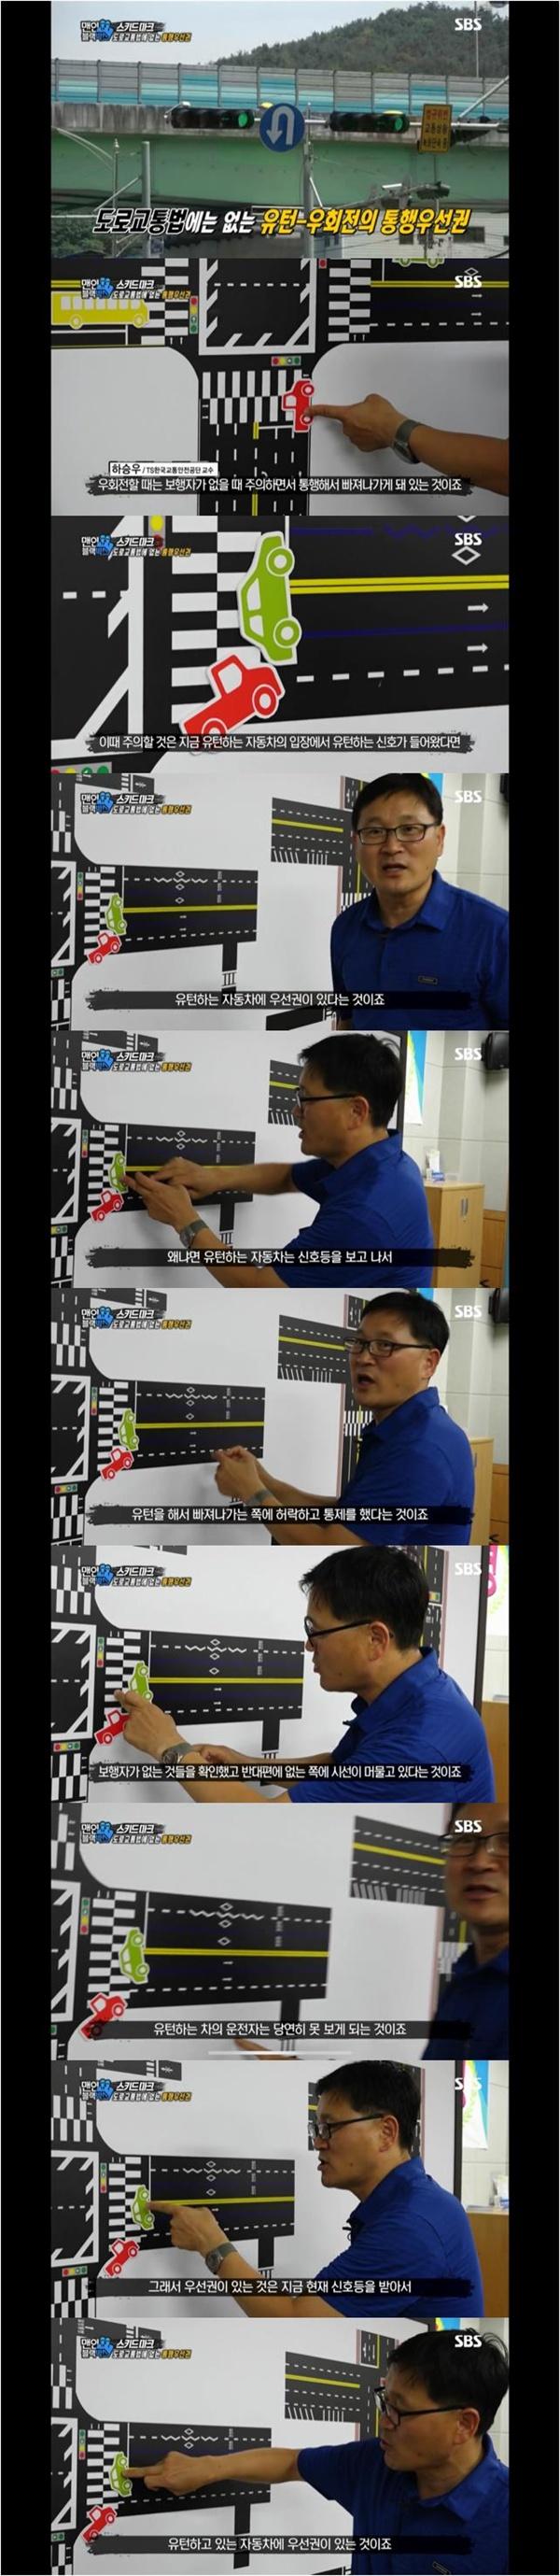 SBS 맨 인 블랙박스 유턴과 우회전 우선권을 설명한다.